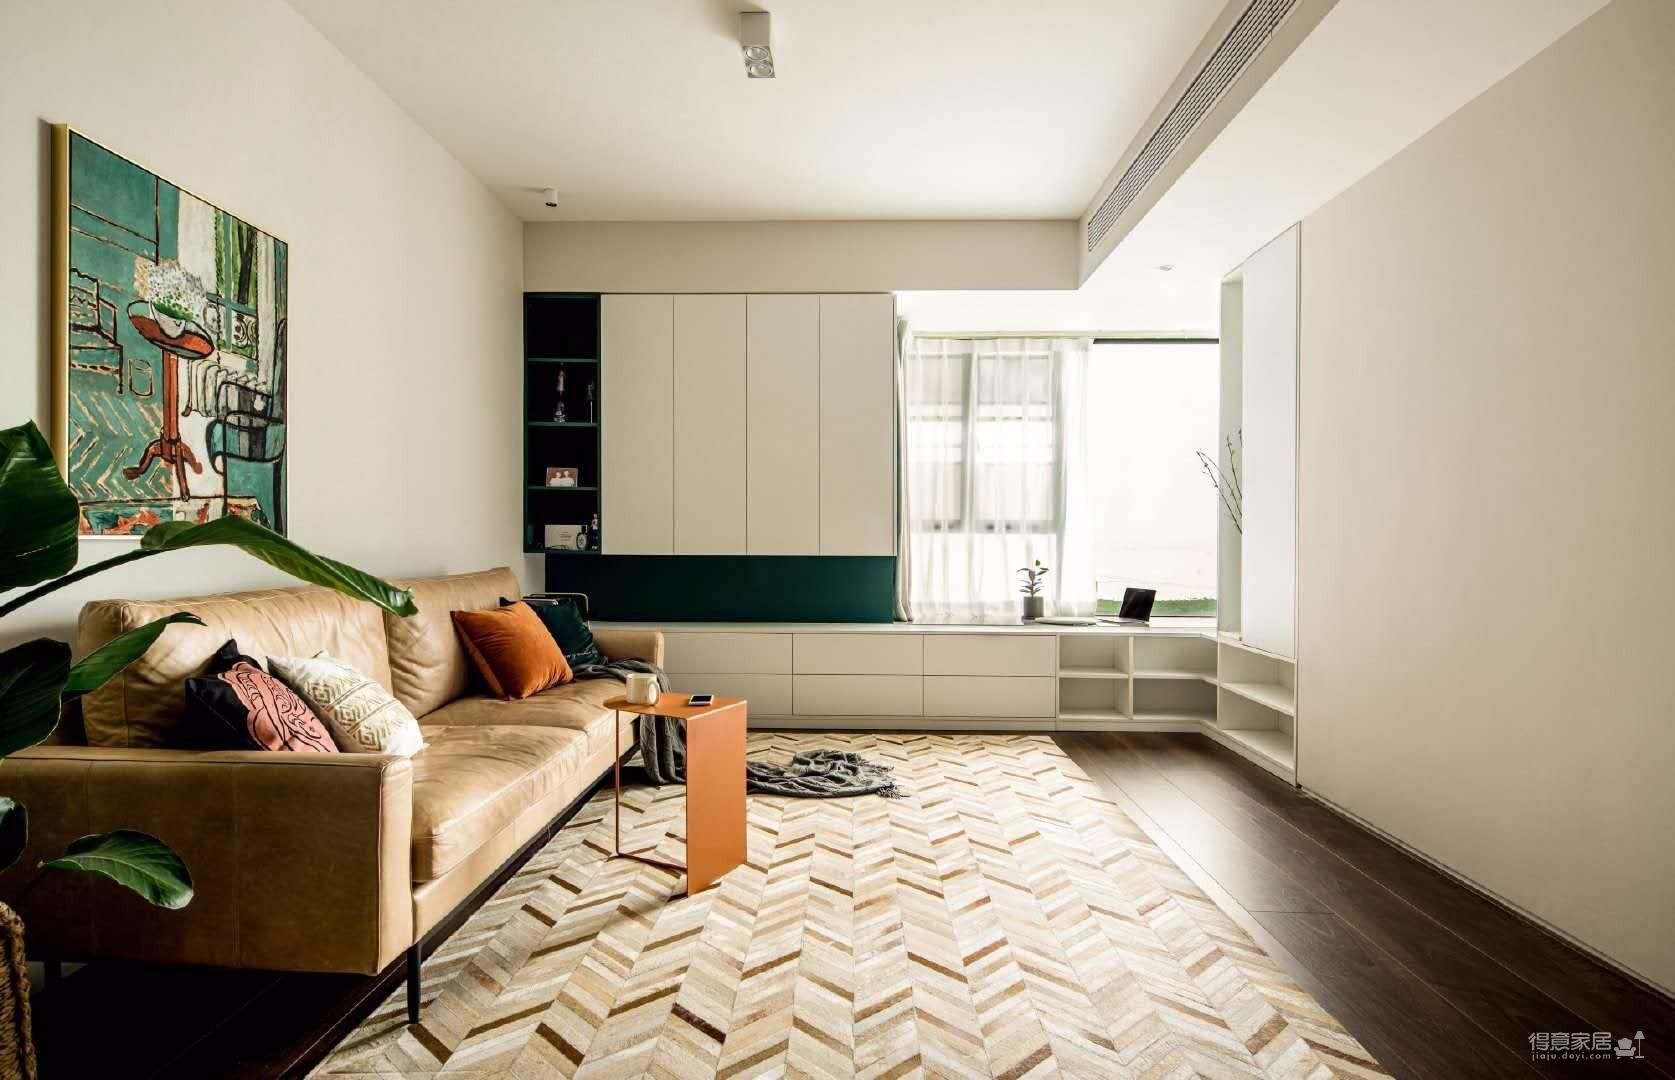 74平米复古与北欧的混搭两居室,结合居住者的浪漫艺术气质在空间中大胆加入墨绿色,并且利用黑胡桃木进行调和,搭配油画及金属配饰营造出赋予独特意义的轻复古时尚气息。